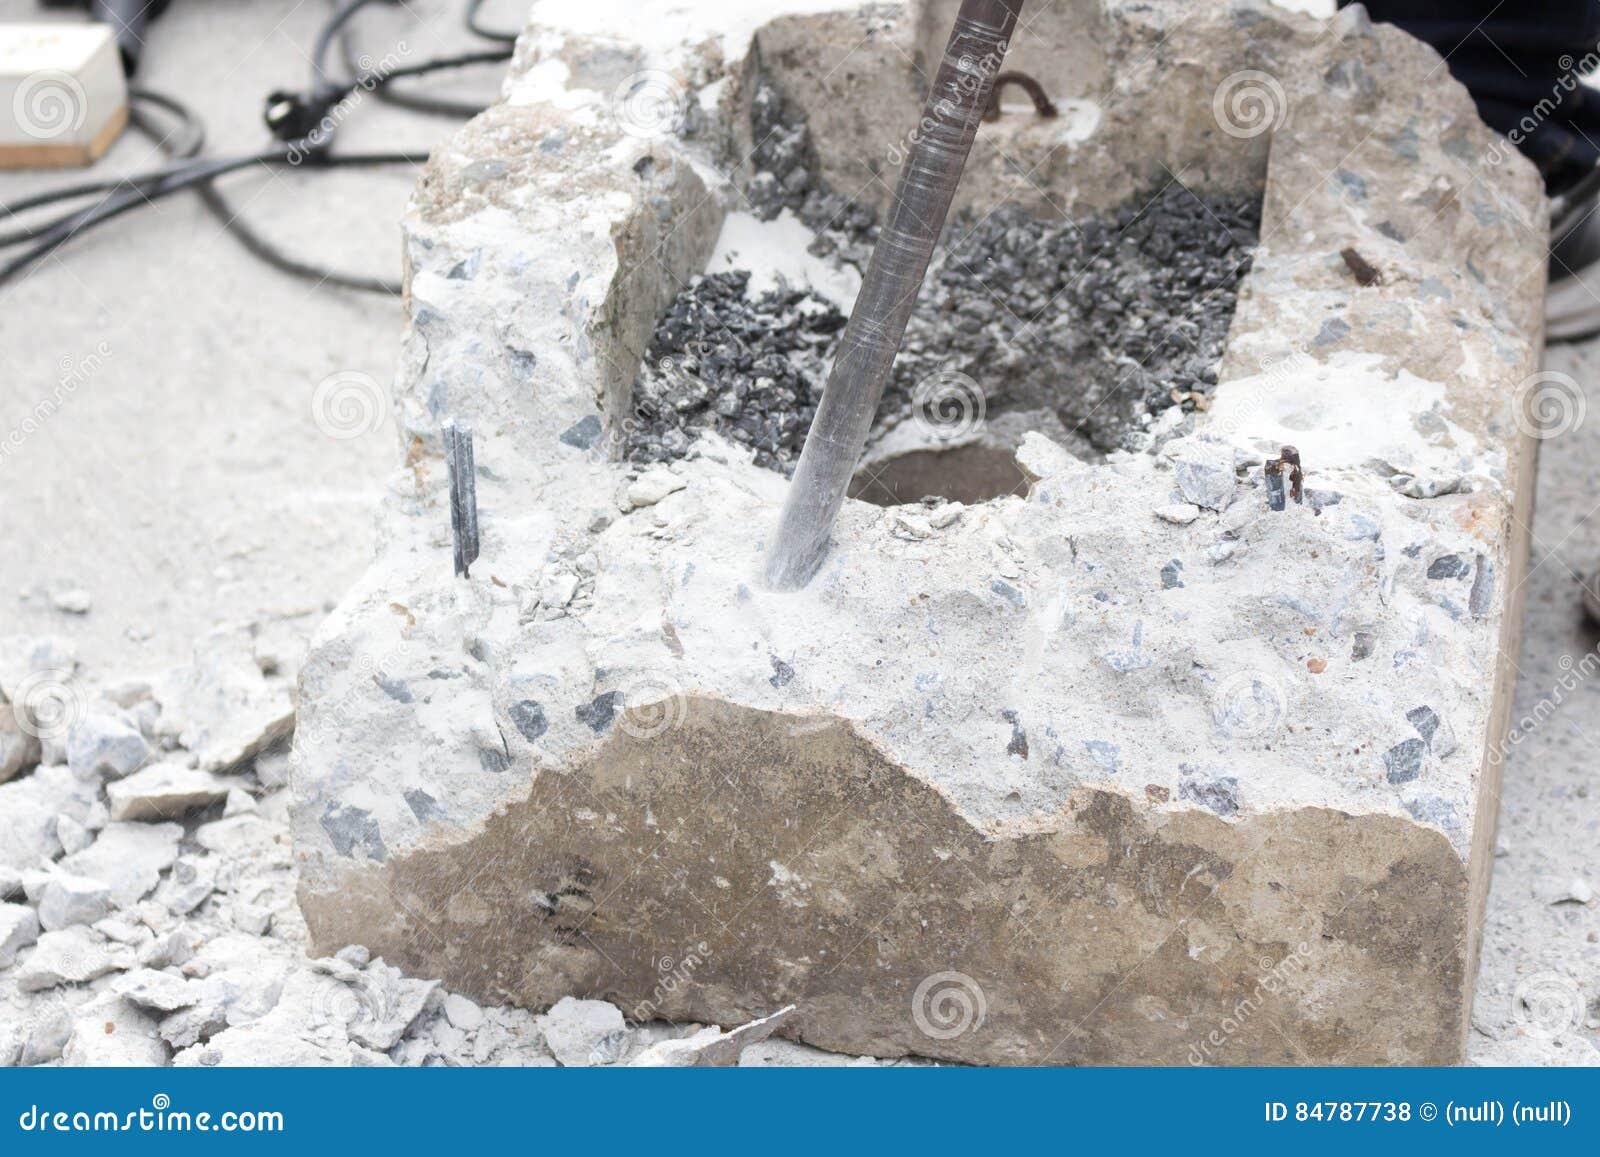 Бетон ломать купить стеновые панели из бетона